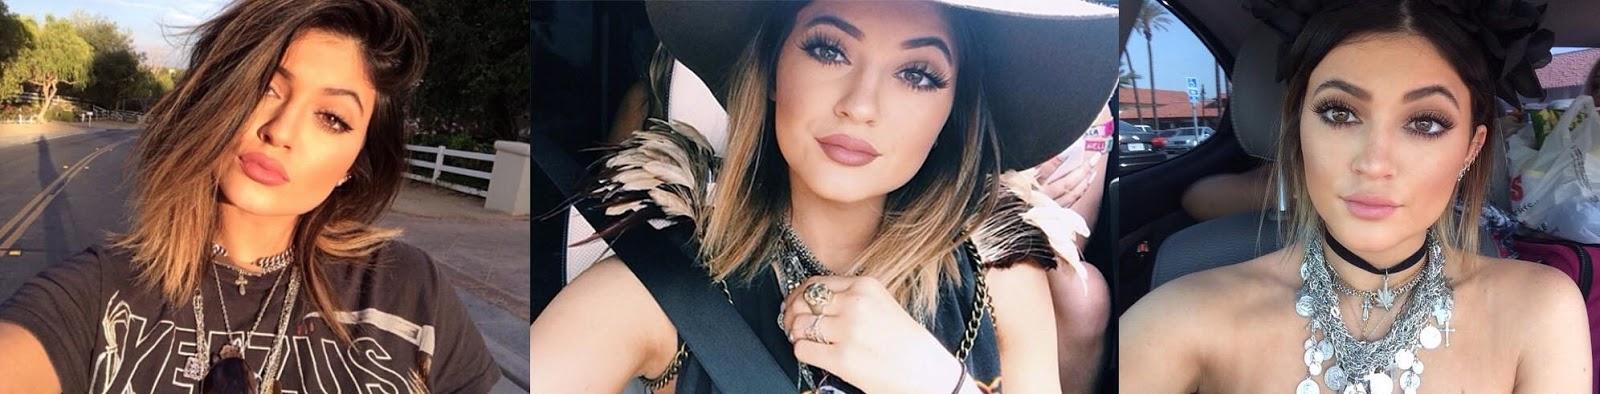 kylie jenner instagram lips